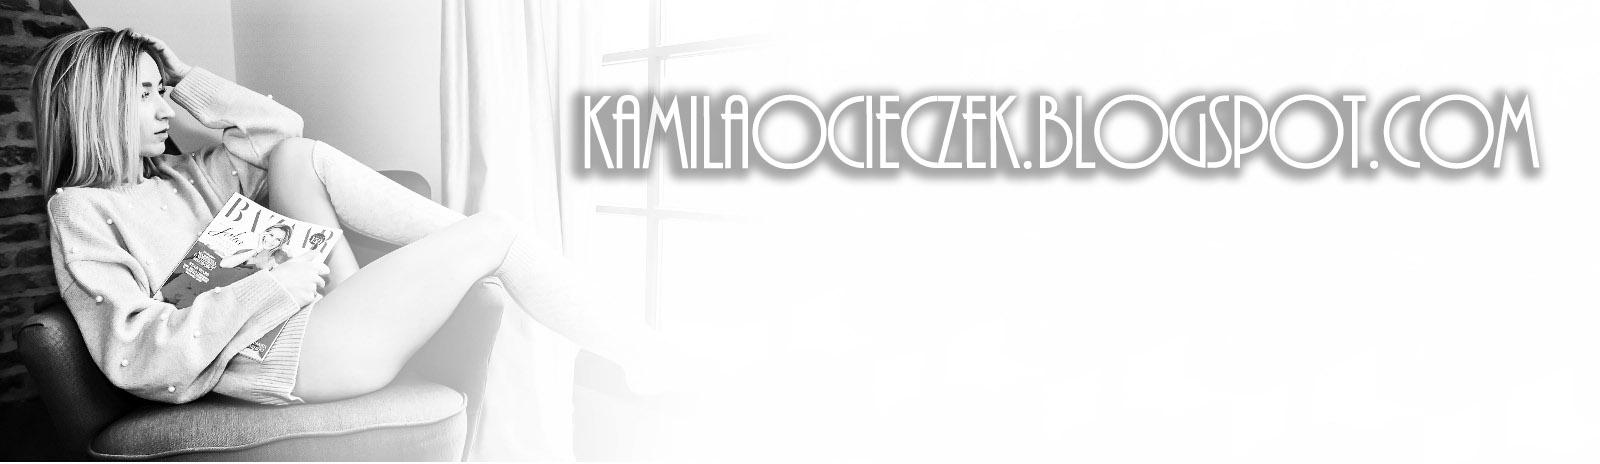 Kamila Ocieczek